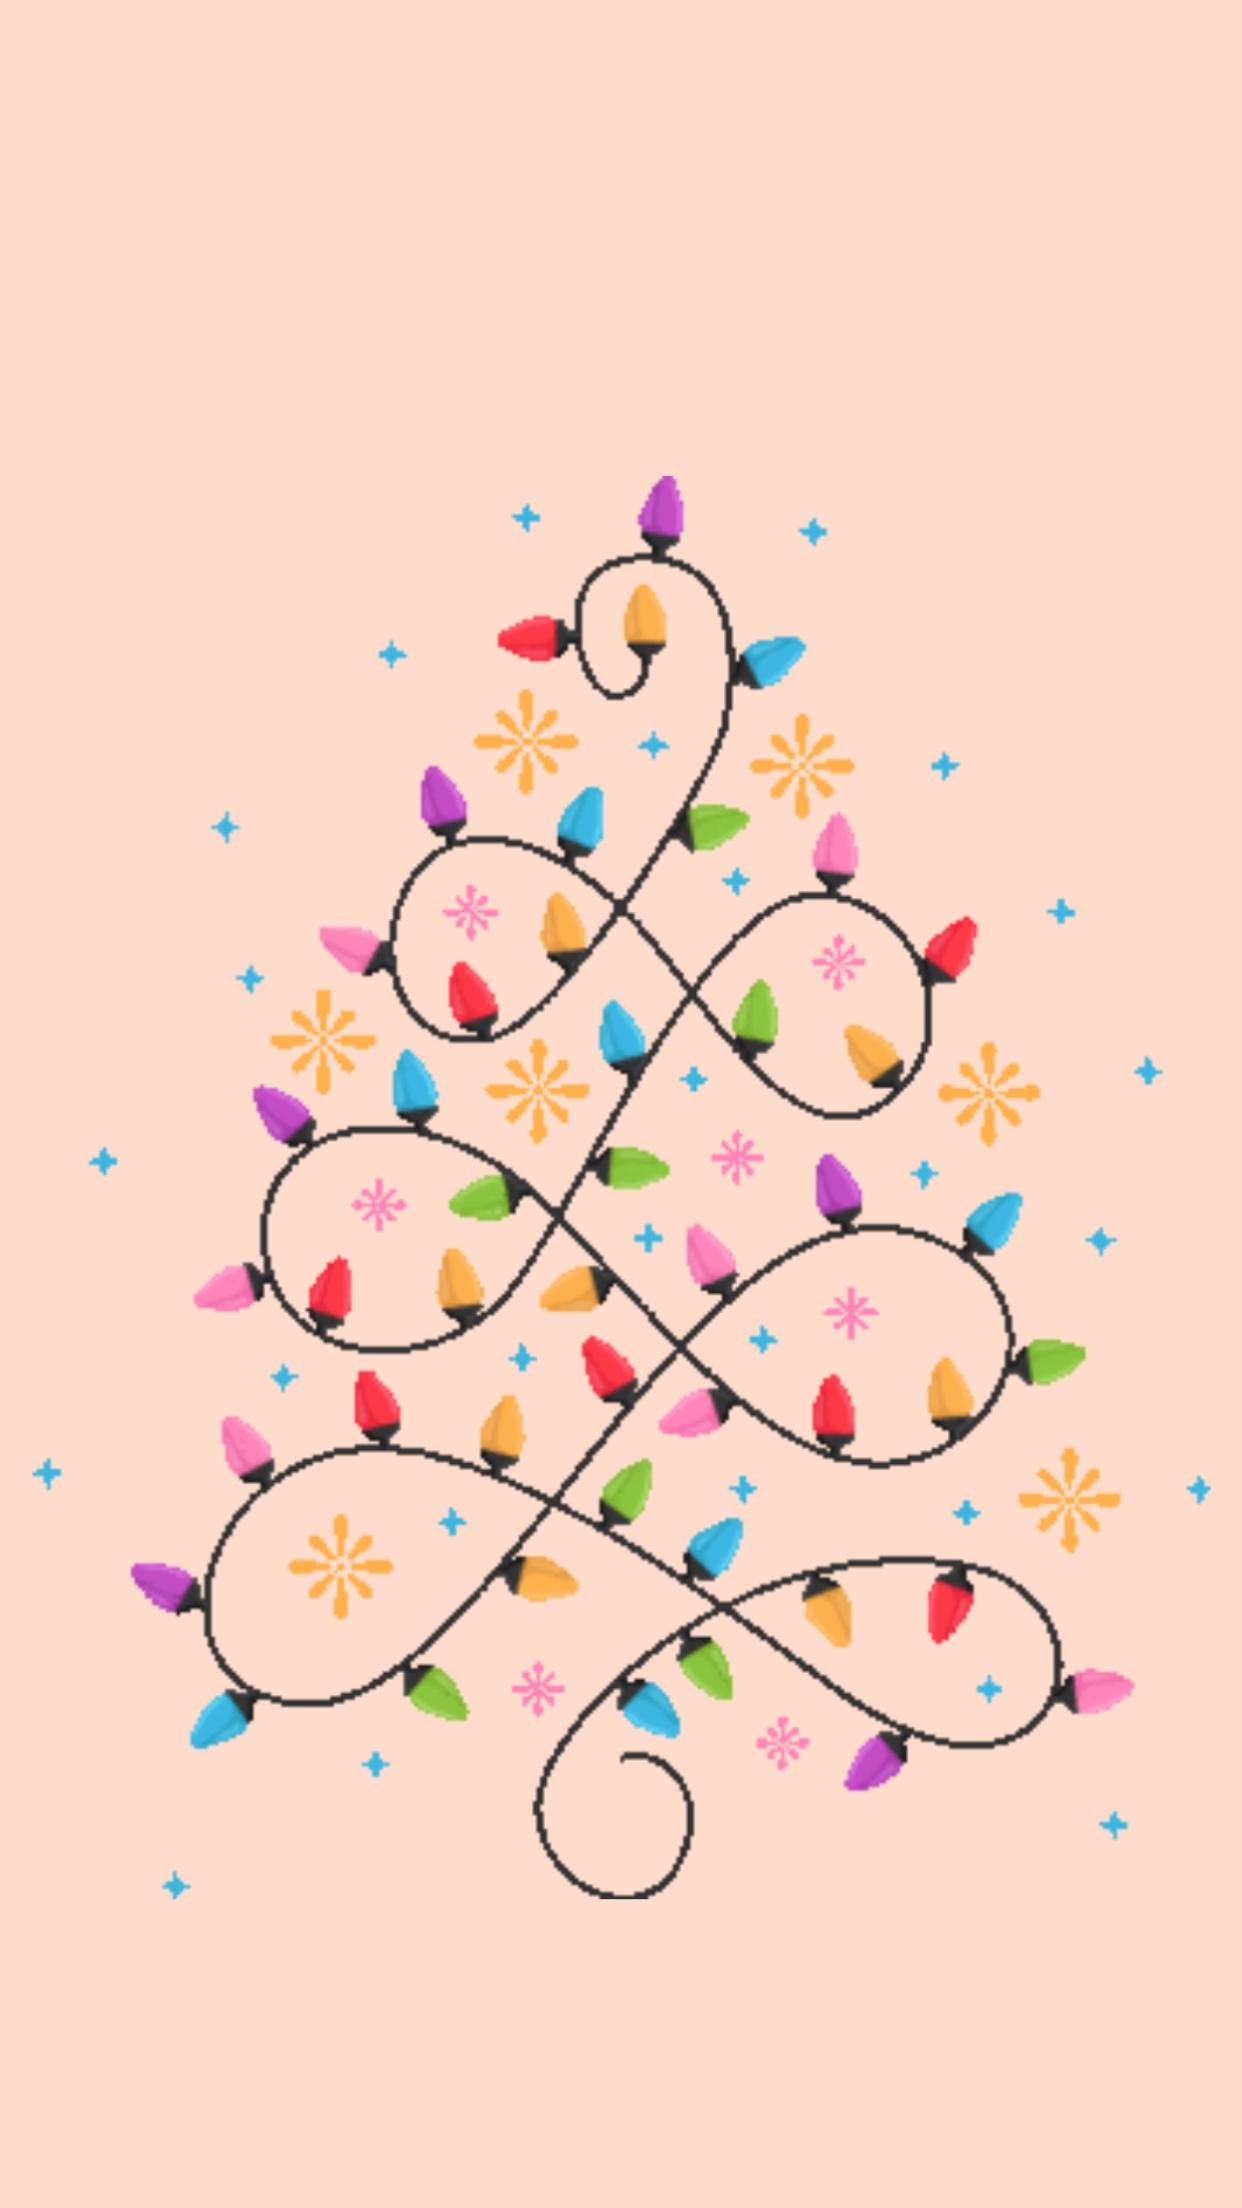 Pin De Aidee En Wallpapers Iphone Fondos De Navidad Para Iphone Fondo De Pantalla Navidad Imagenes De Navidad Fondos